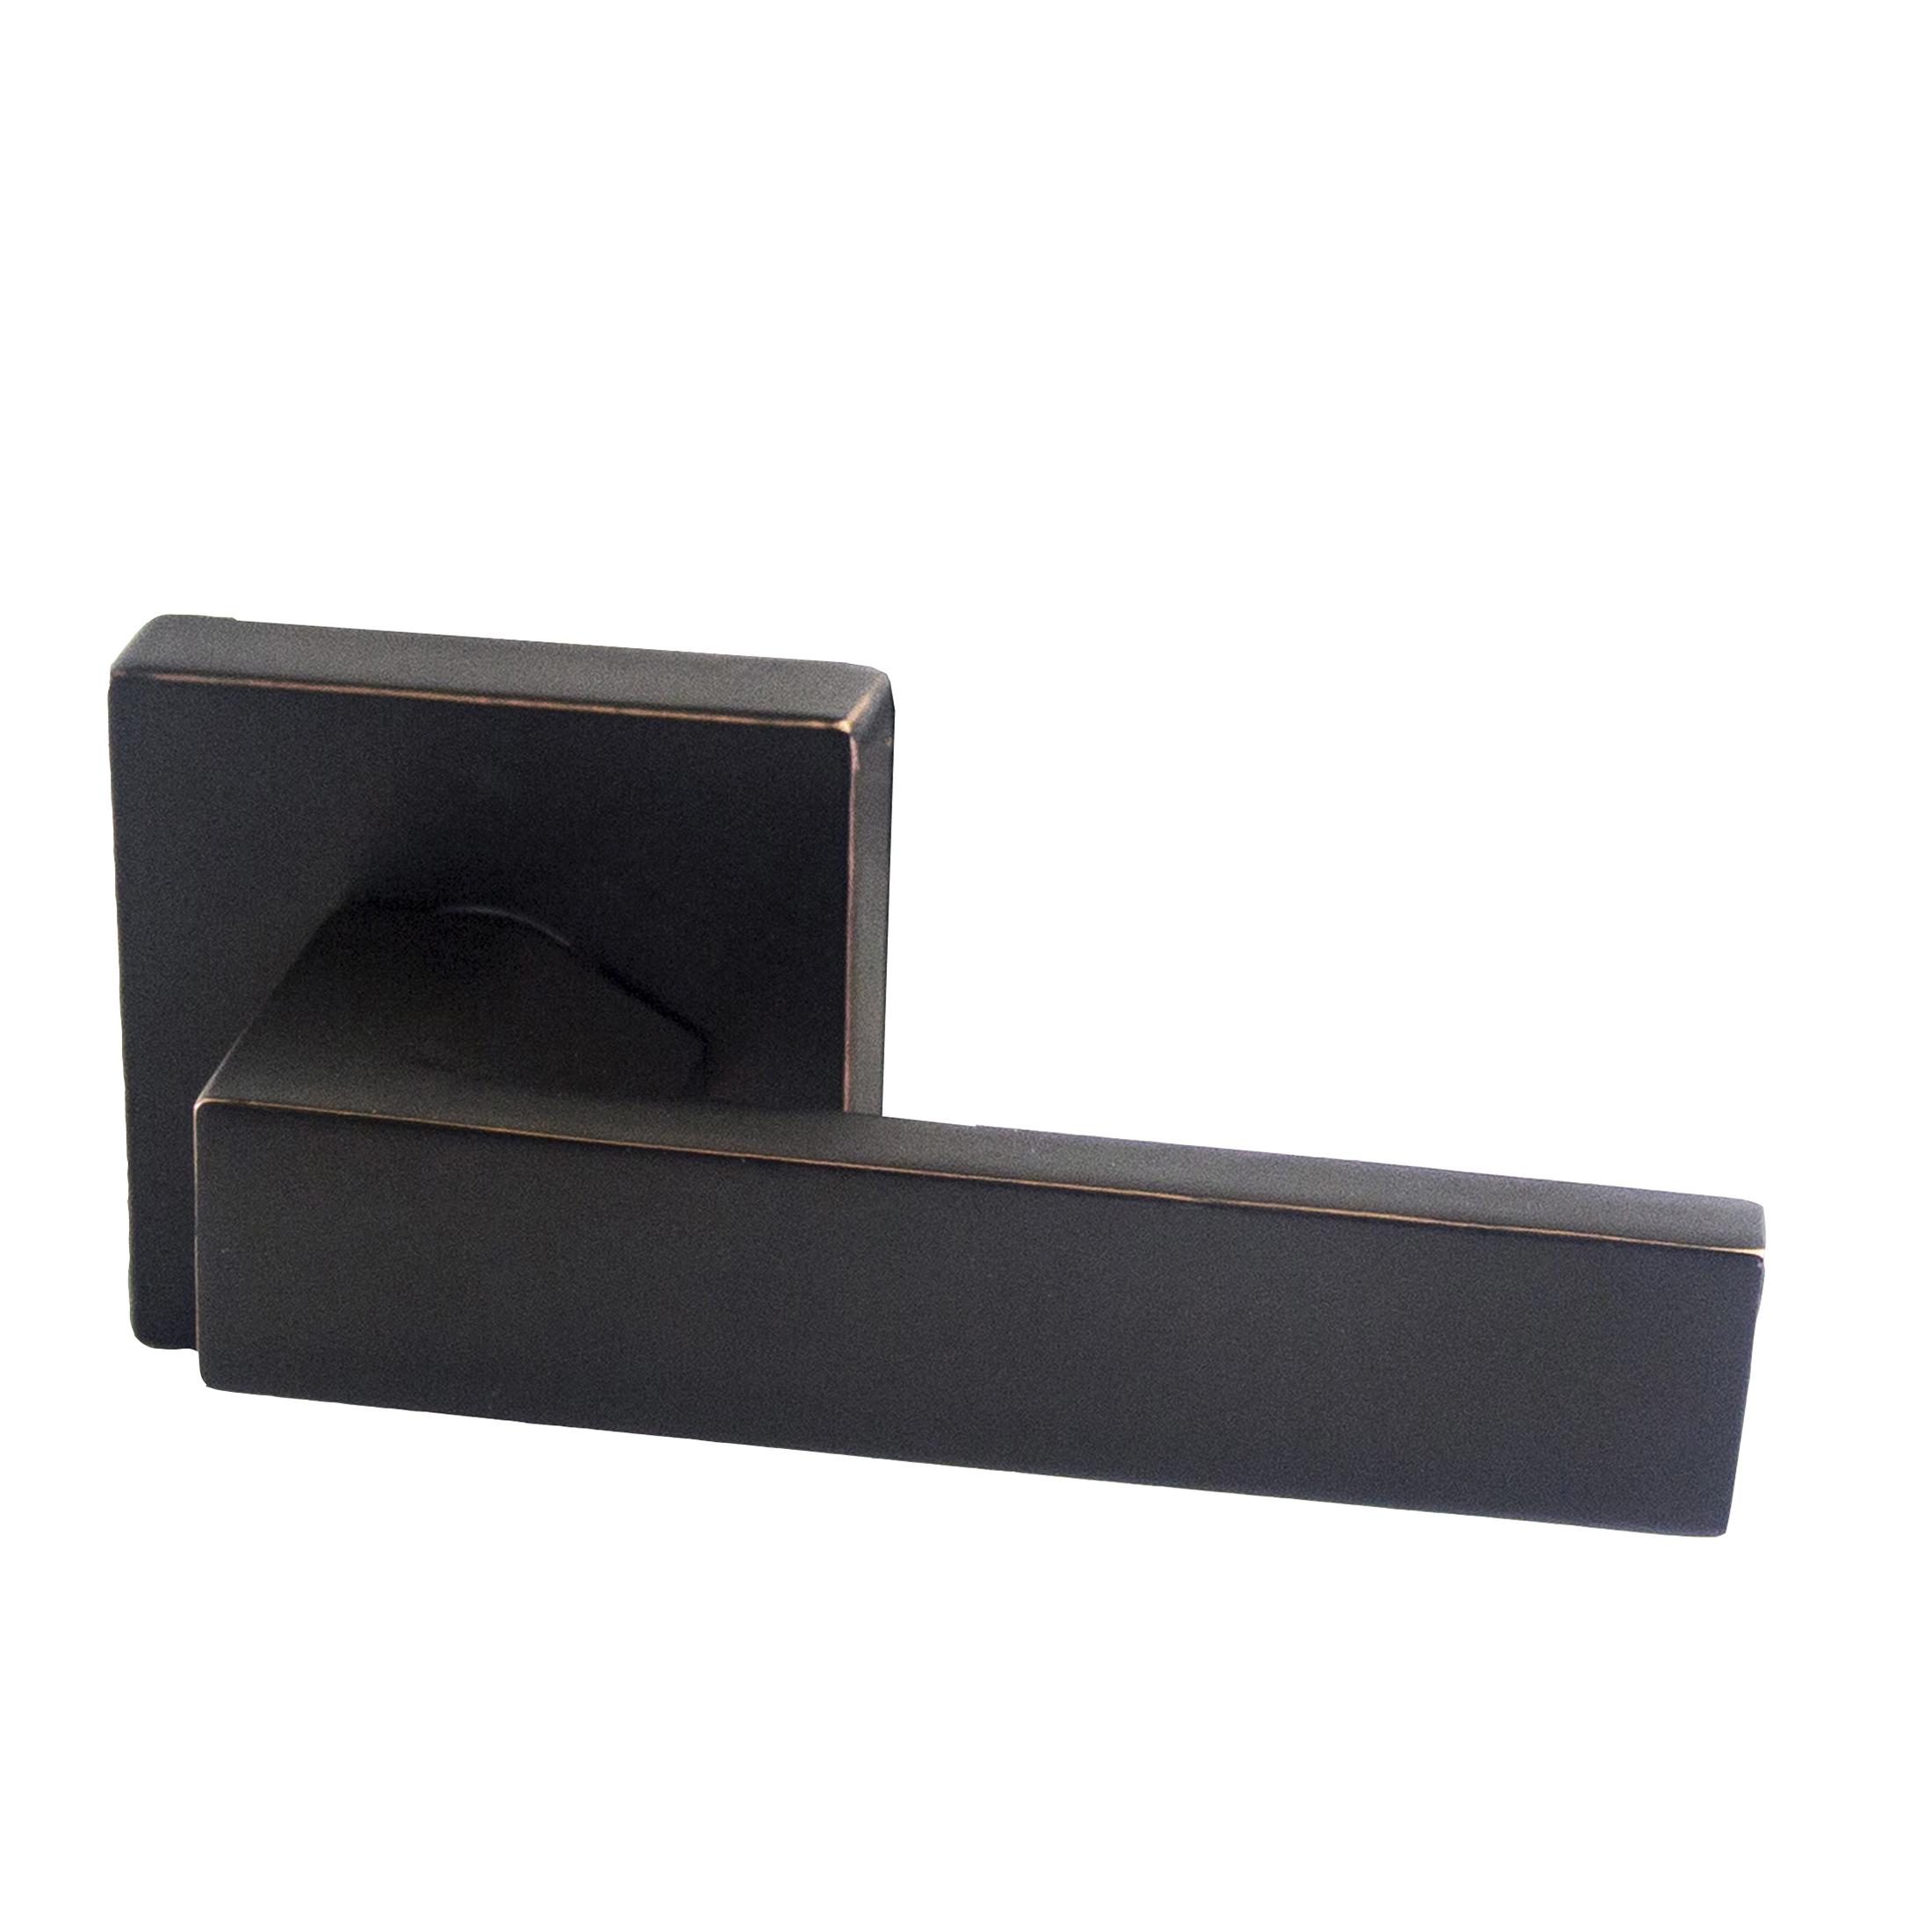 Design House 581041 Karsen Dummy Lever, Reversible for Left or Right Handed Doors, Oil Rubbed Bronze Finish